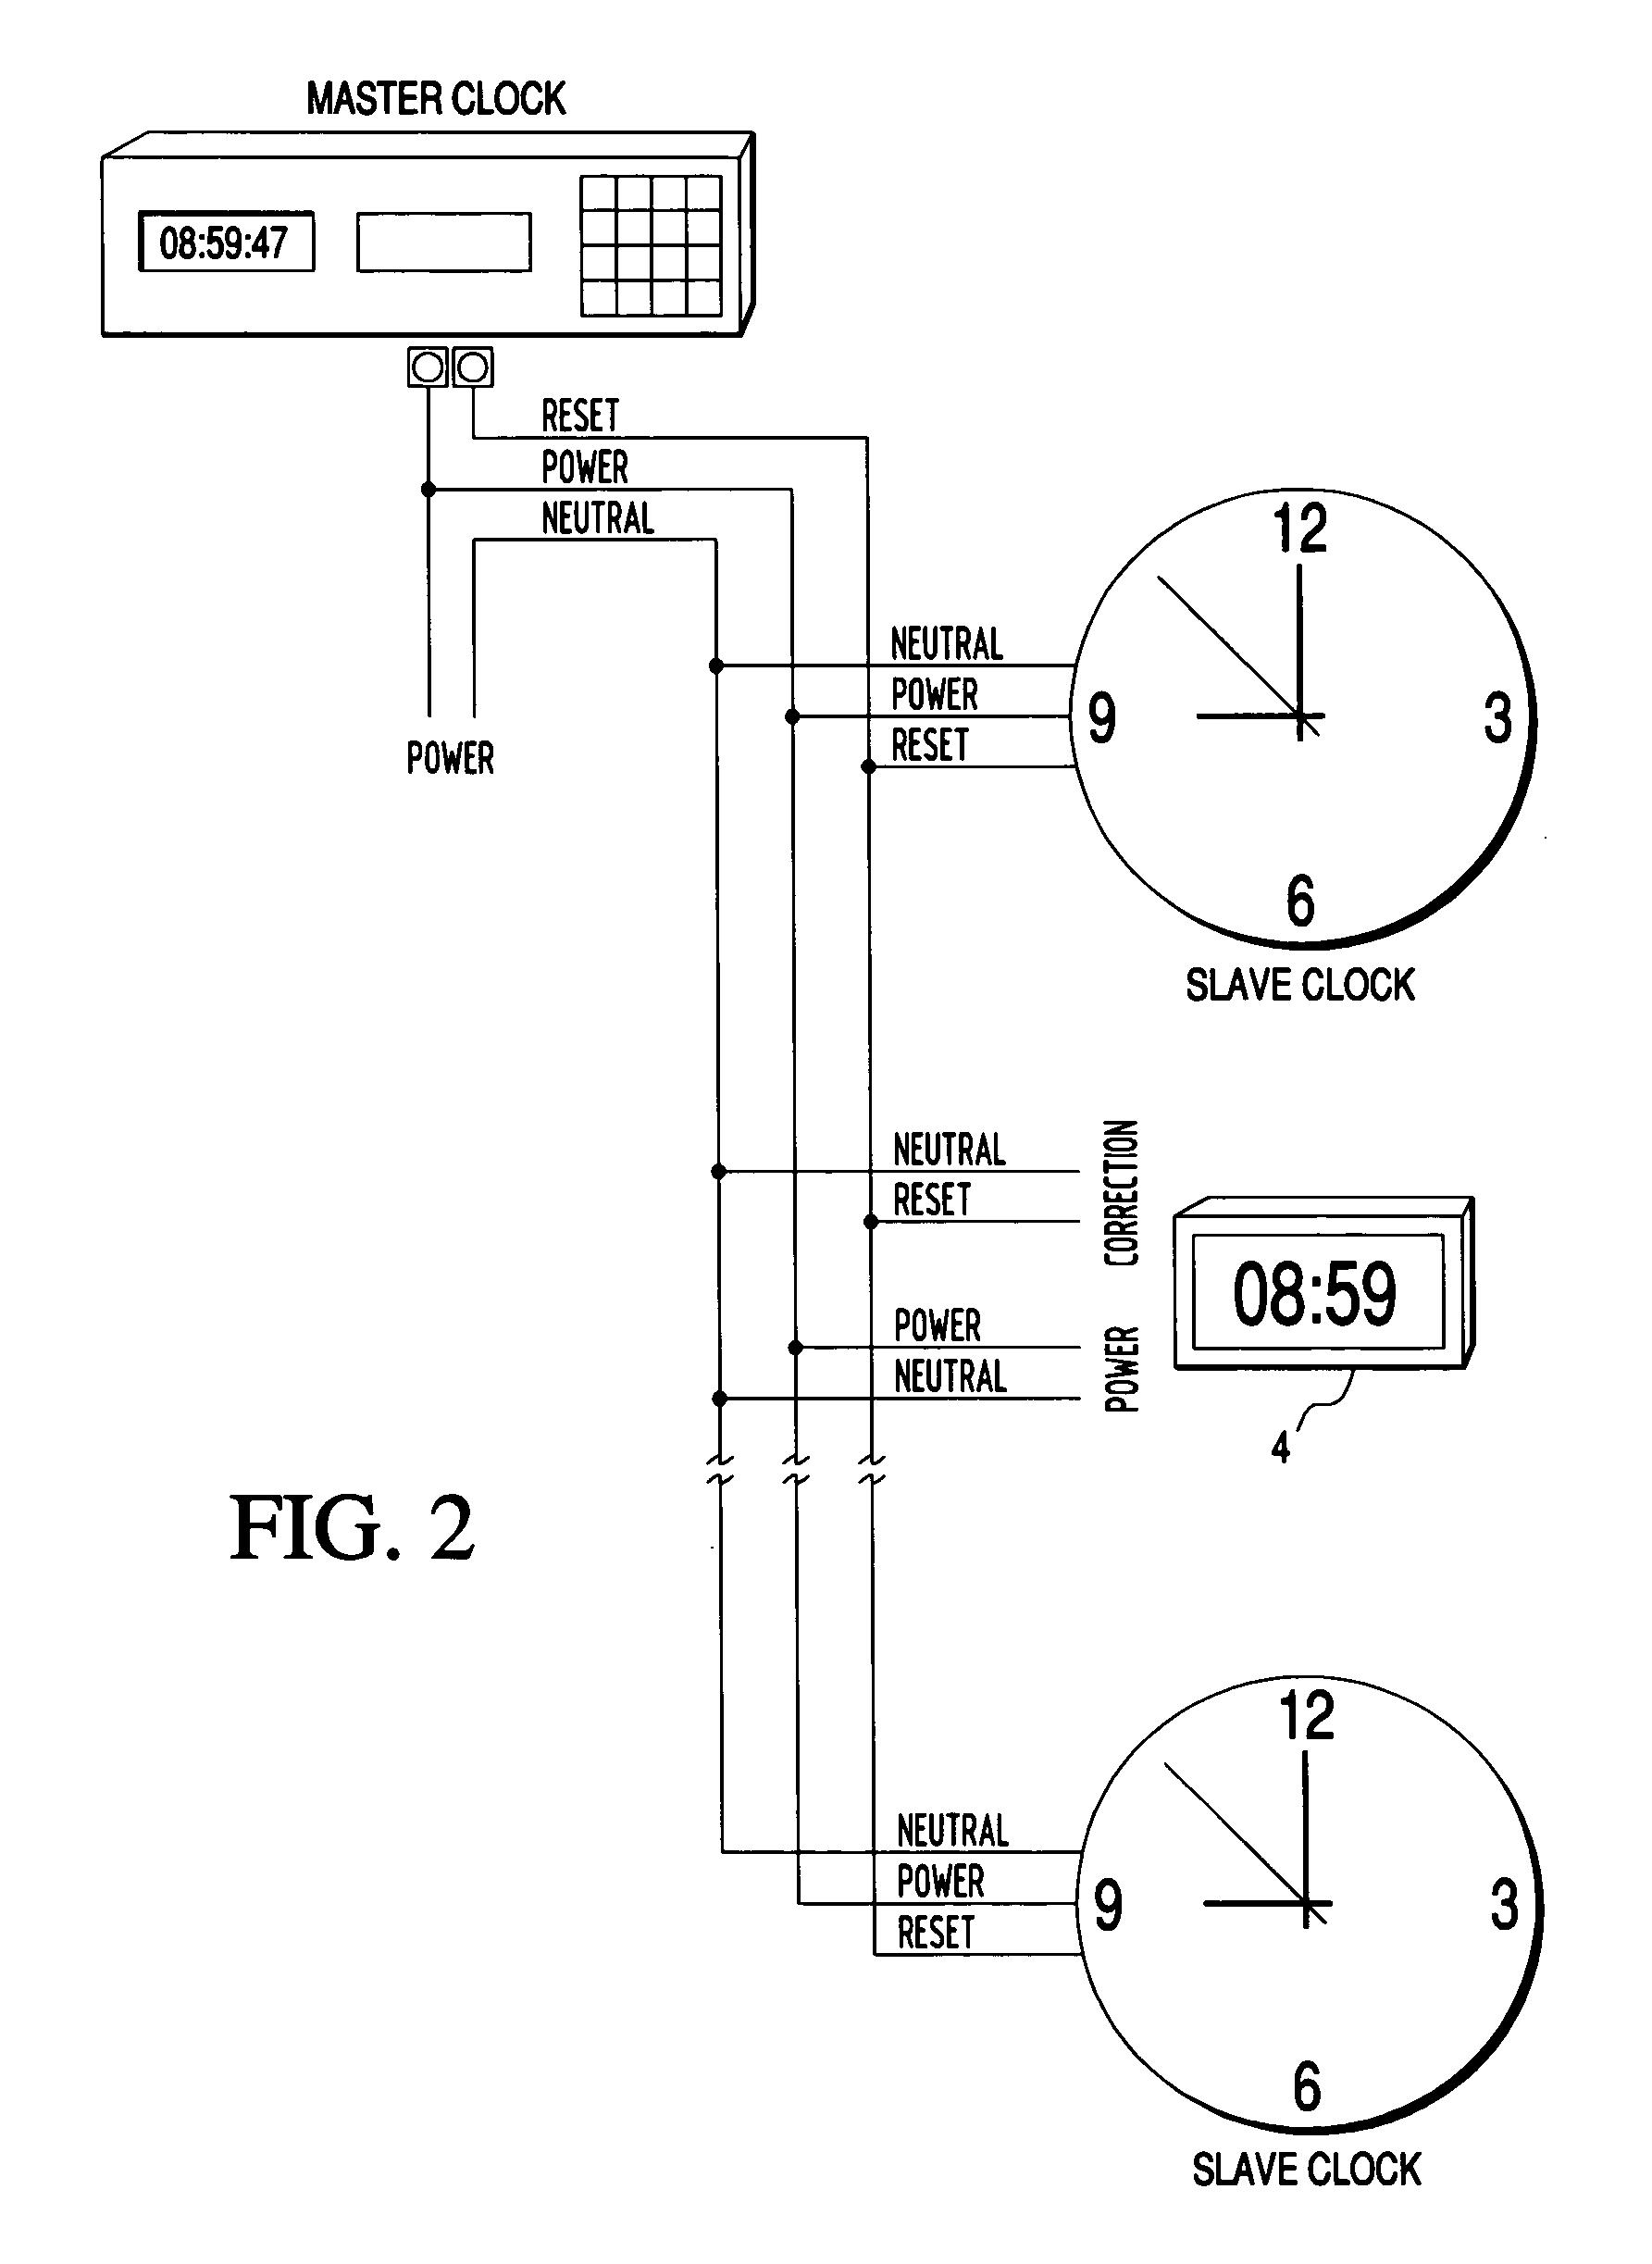 Master Clock System Wiring Diagram, Master, Get Free Image